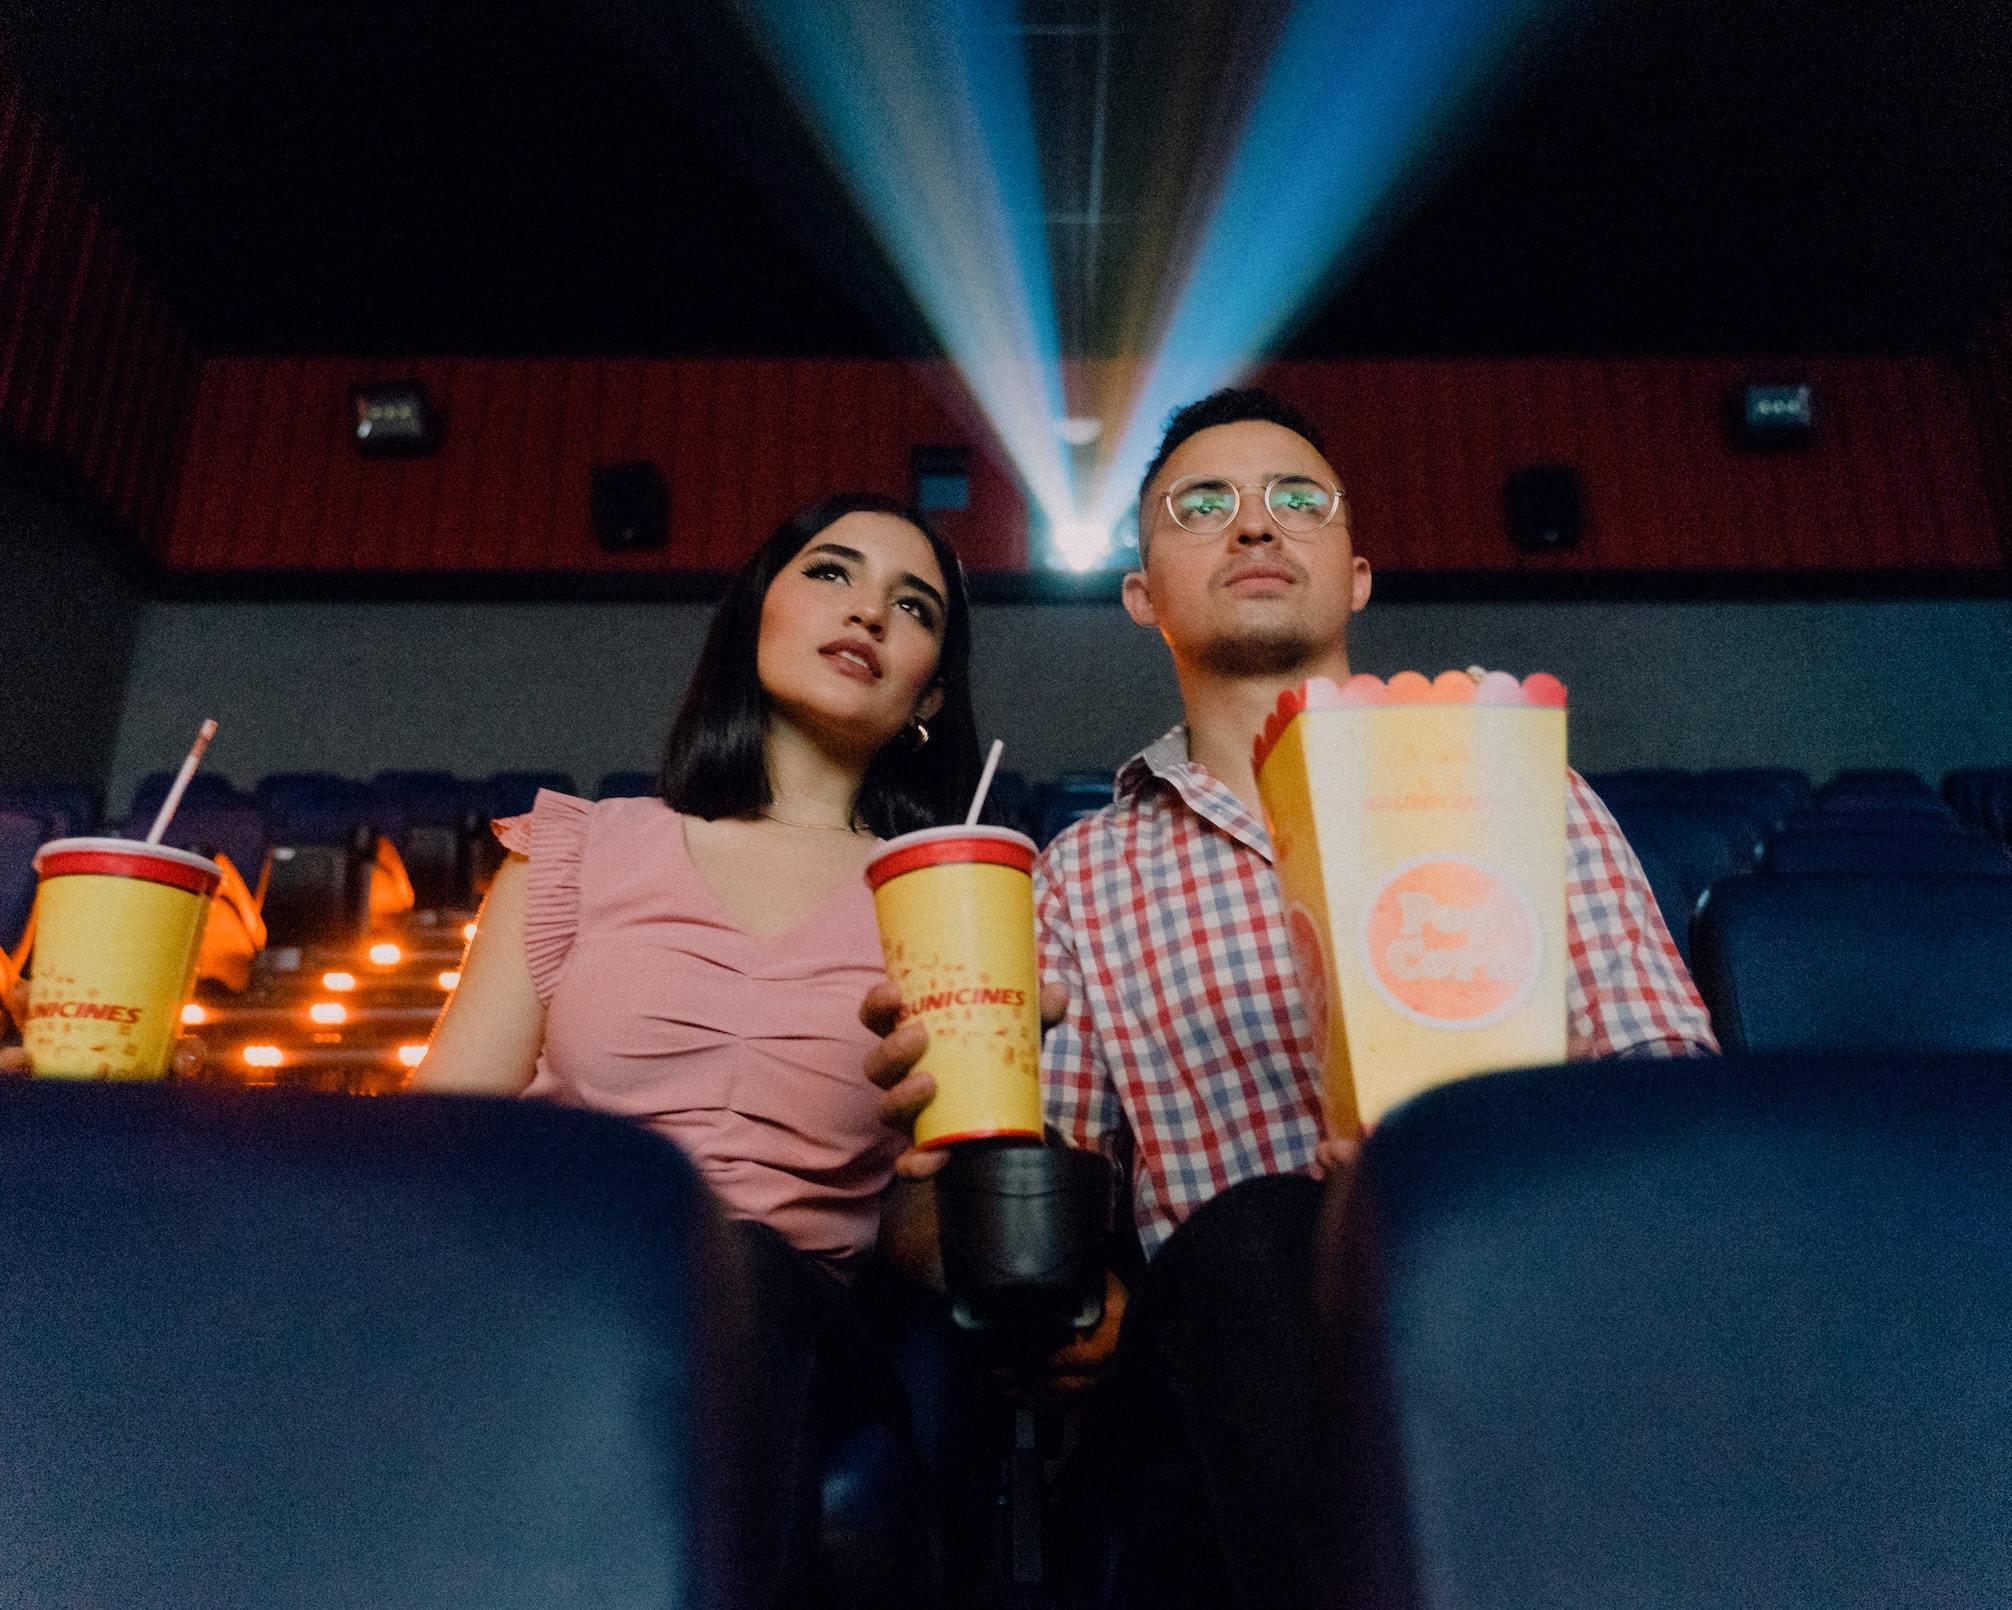 自宅で映画館を体験? 「ヴィレヴァン」オンラインでタンブラーが発売